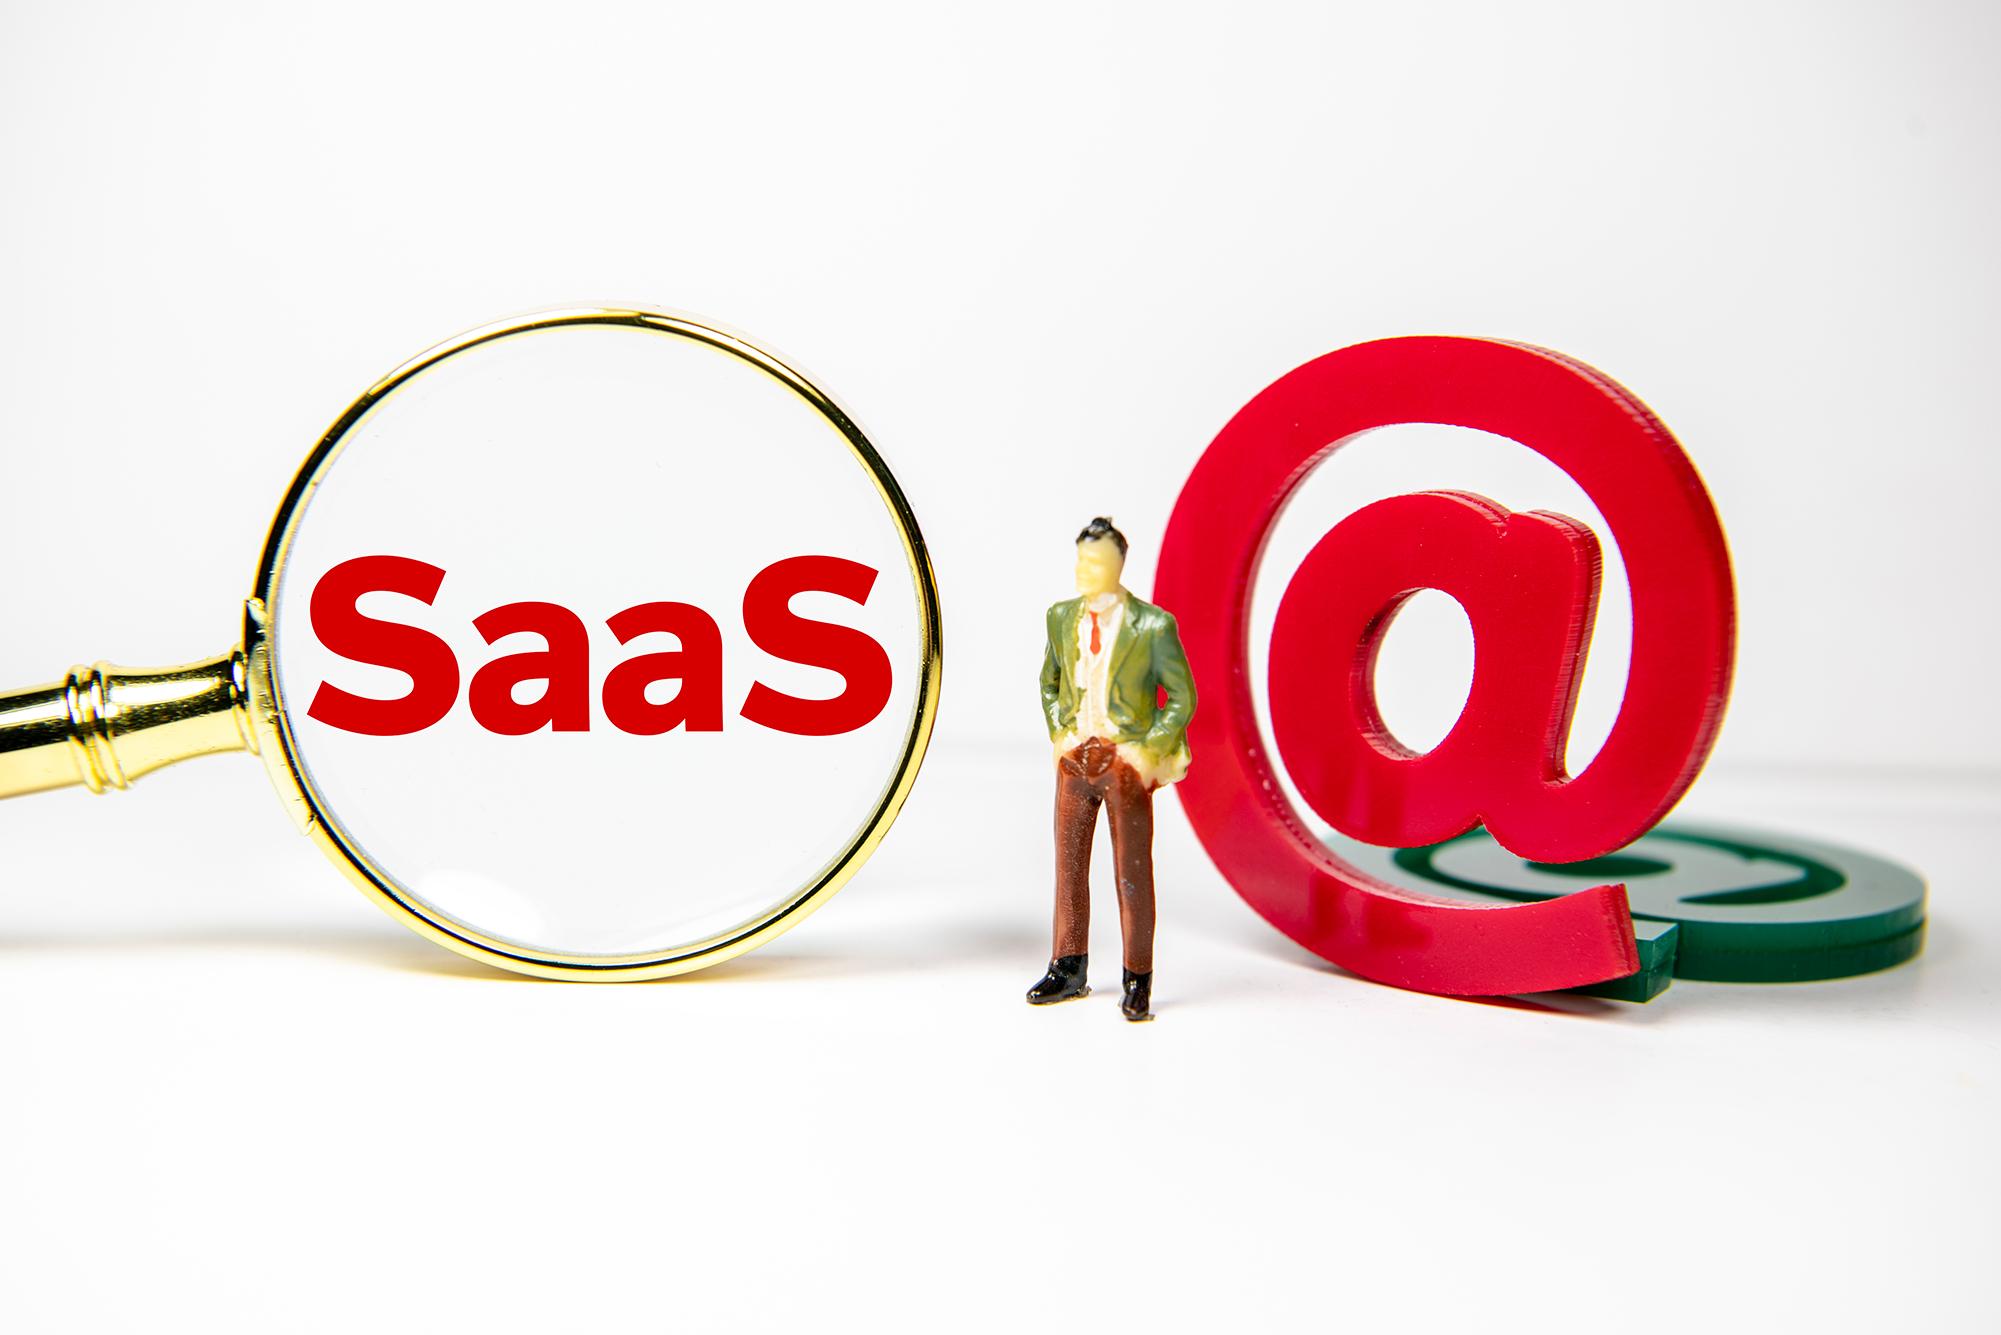 戴珂:把SaaS当作软件卖?跑偏了!